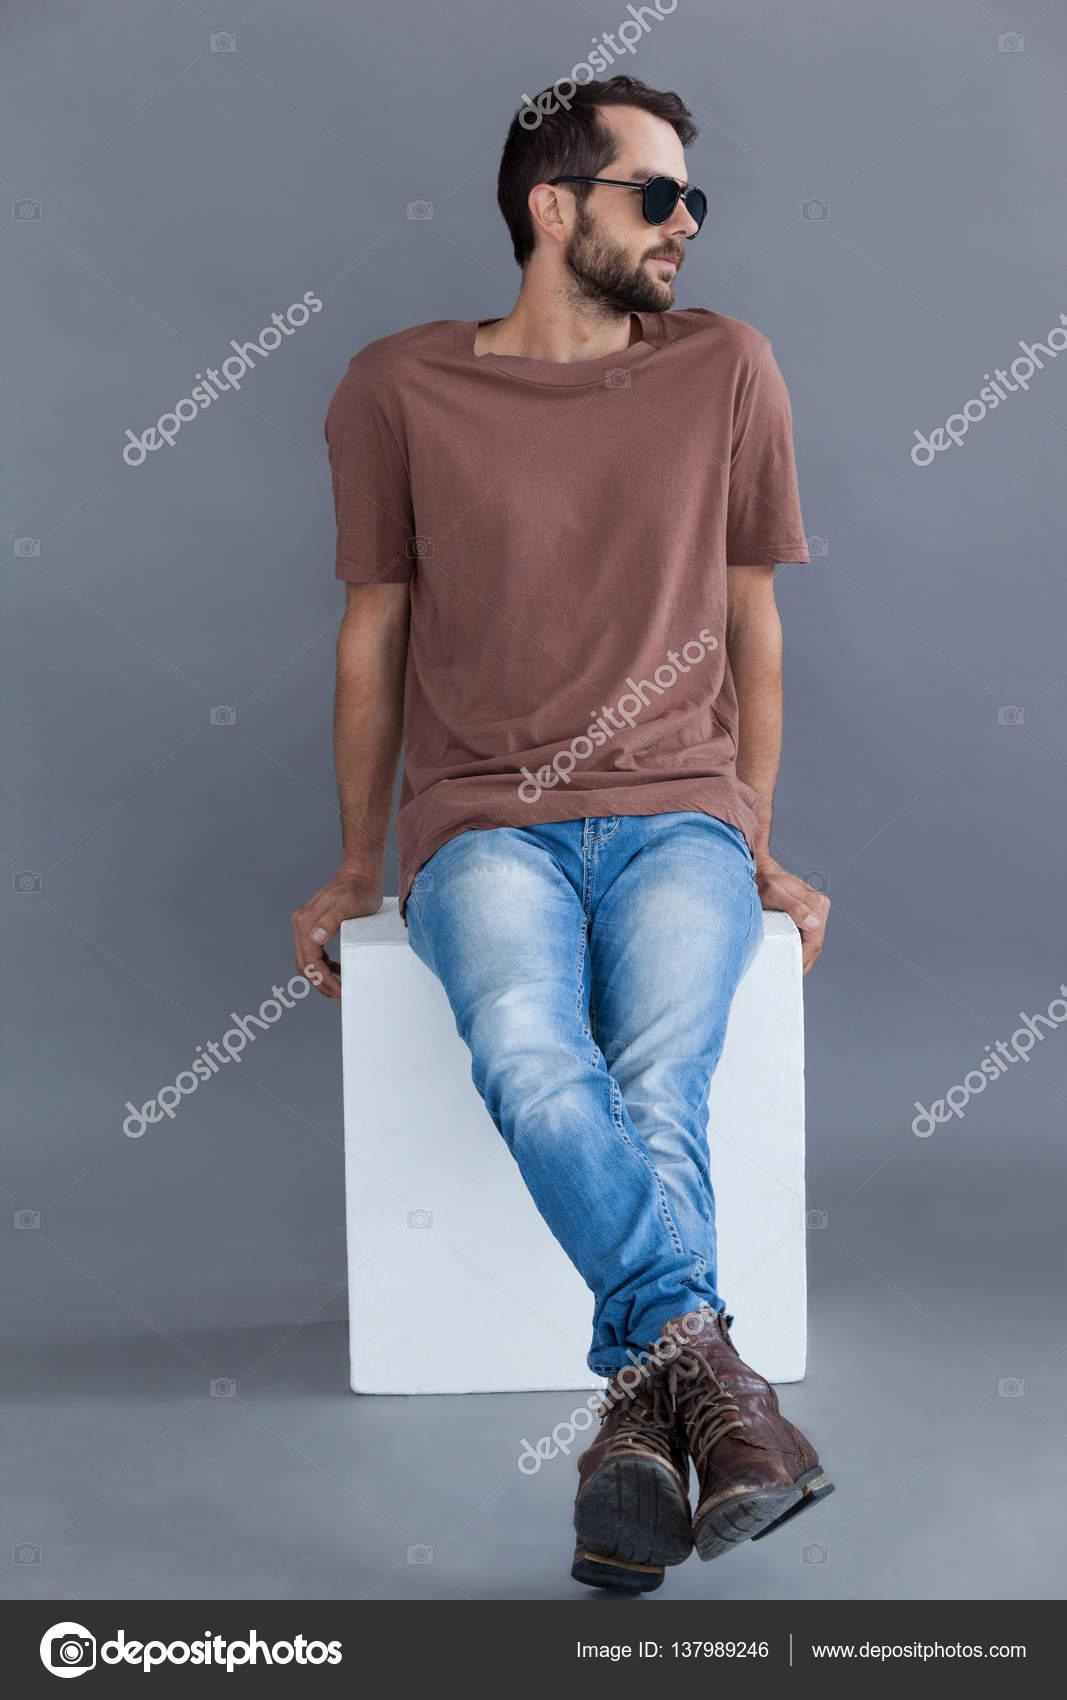 Soleil Sur En Shirt Bloc T Lunettes Et Brun Homme De 0Hqw8HCg d009acbebb1b